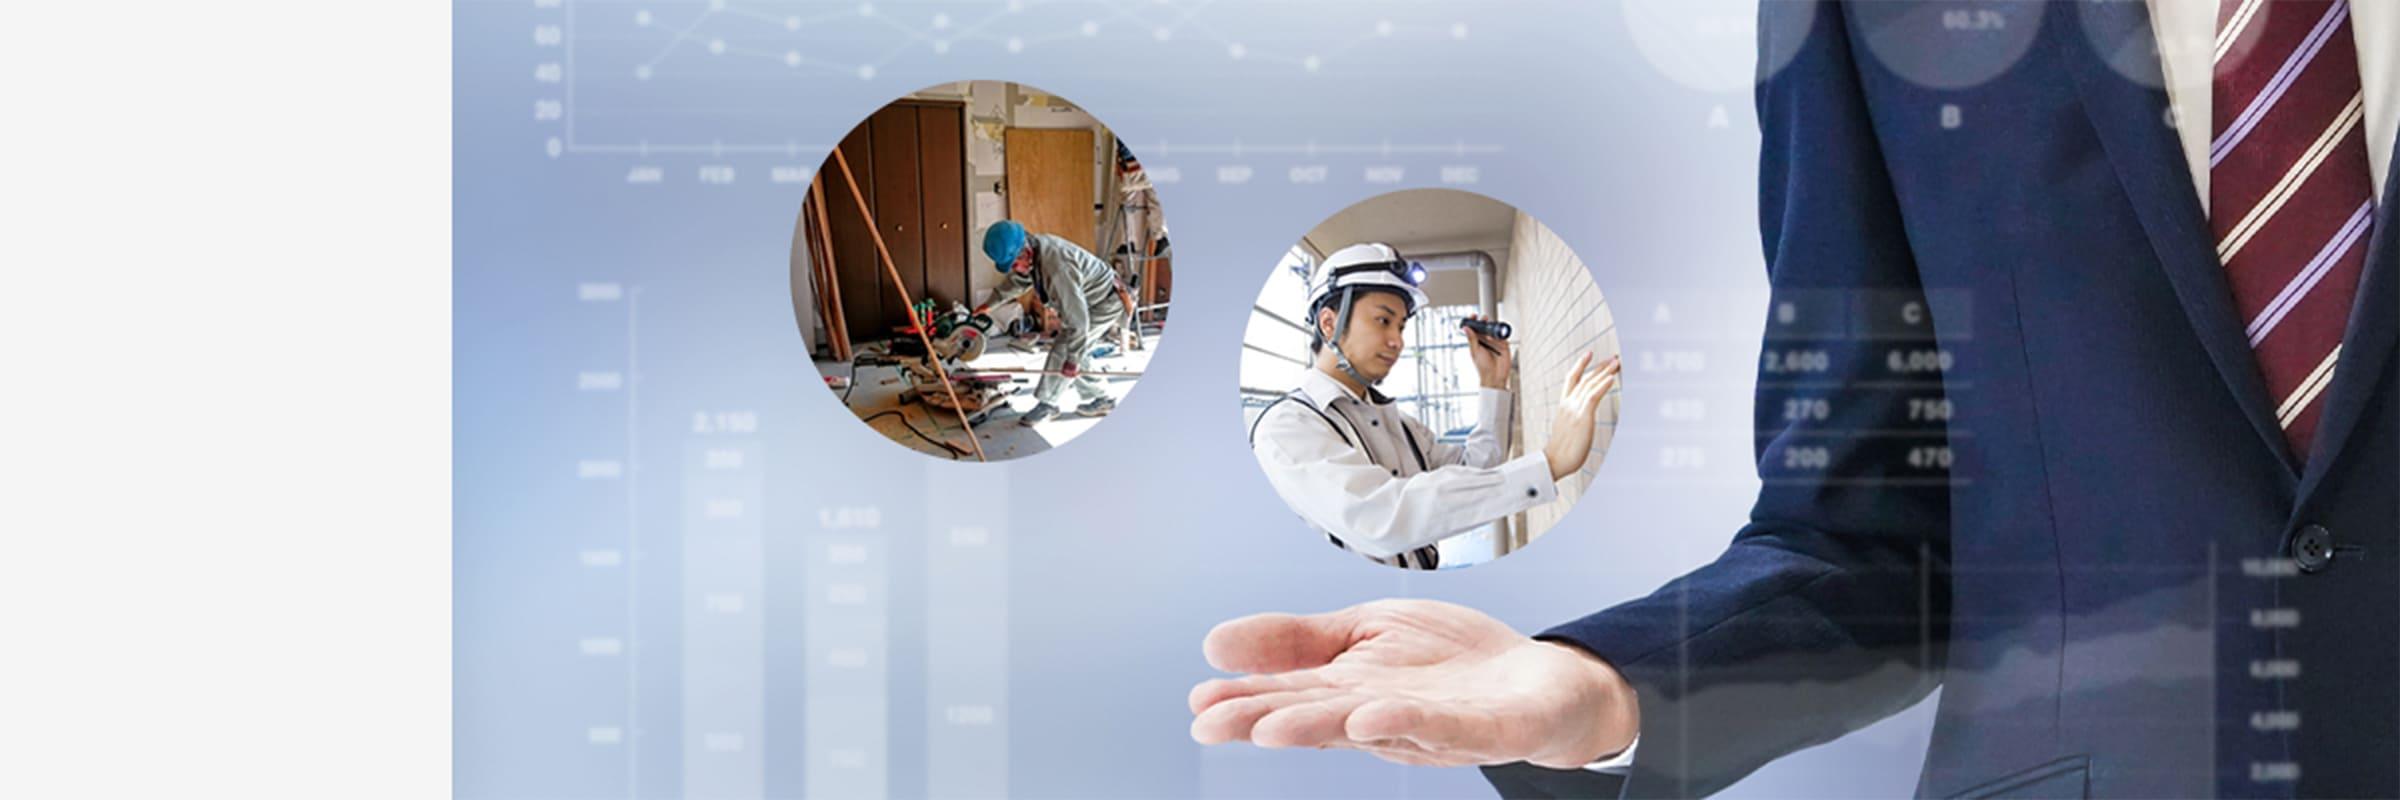 建物管理 Building Management